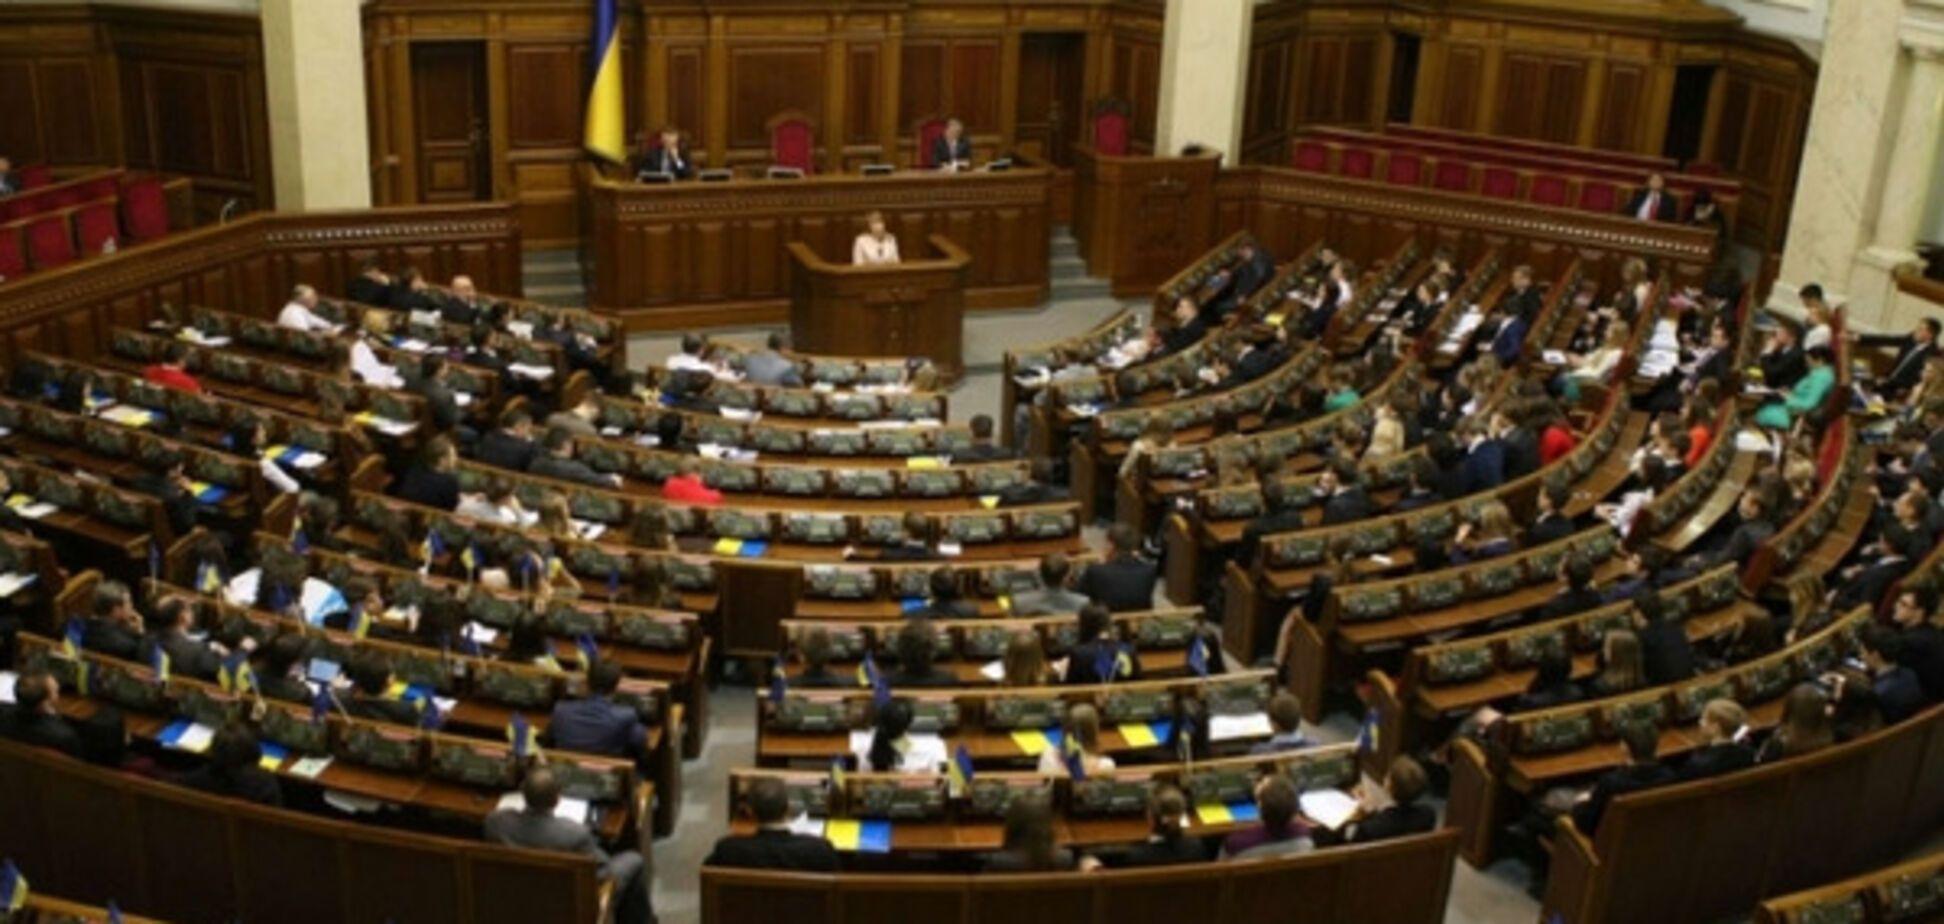 Перезапуск экономики и рост протестных настроений:  что ожидает украинцев в новом политическом сезоне